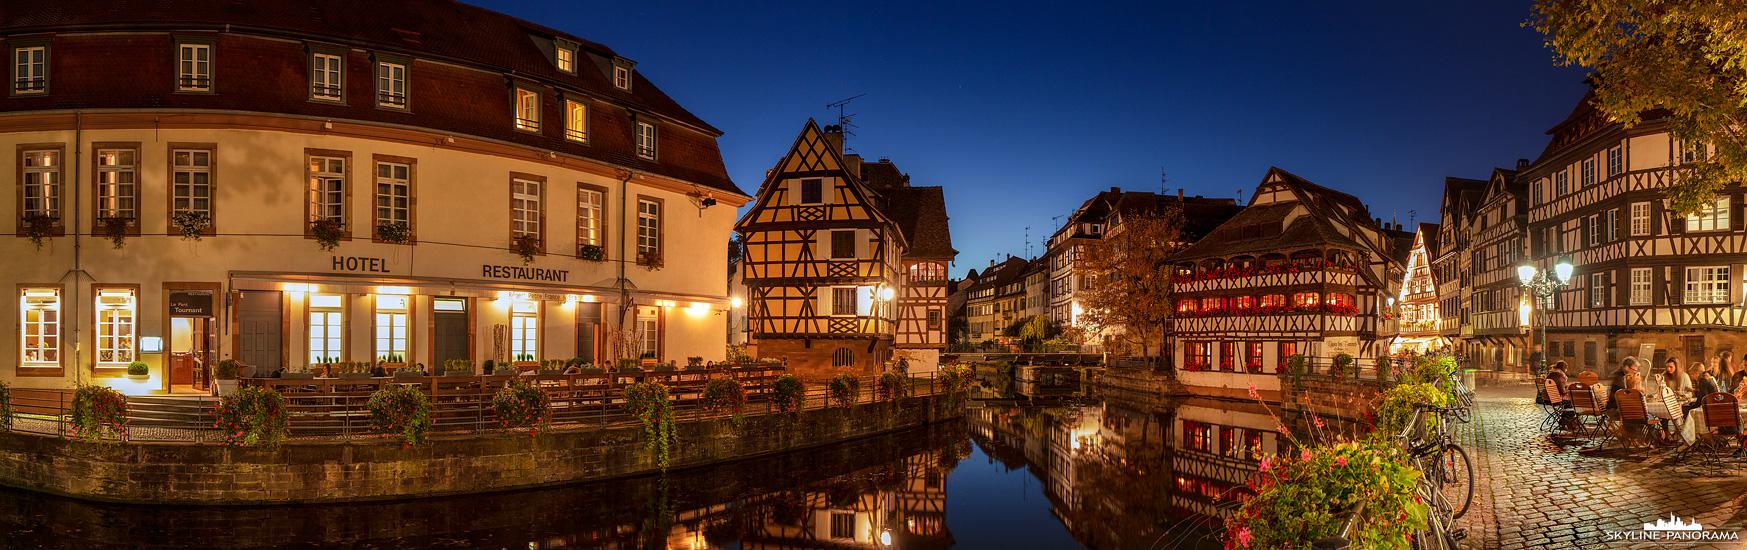 Das malerische Viertel Petite France (klein Frankreich) in der Altstadt von Straßburg ist bei Touristen und Einheimischen gleichermaßen beliebt. Zahlreiche Gassen mit den typischen traditionellen Fachwerkhäusern laden zum Durchstreifen des ehemaligen Gerberviertels ein.